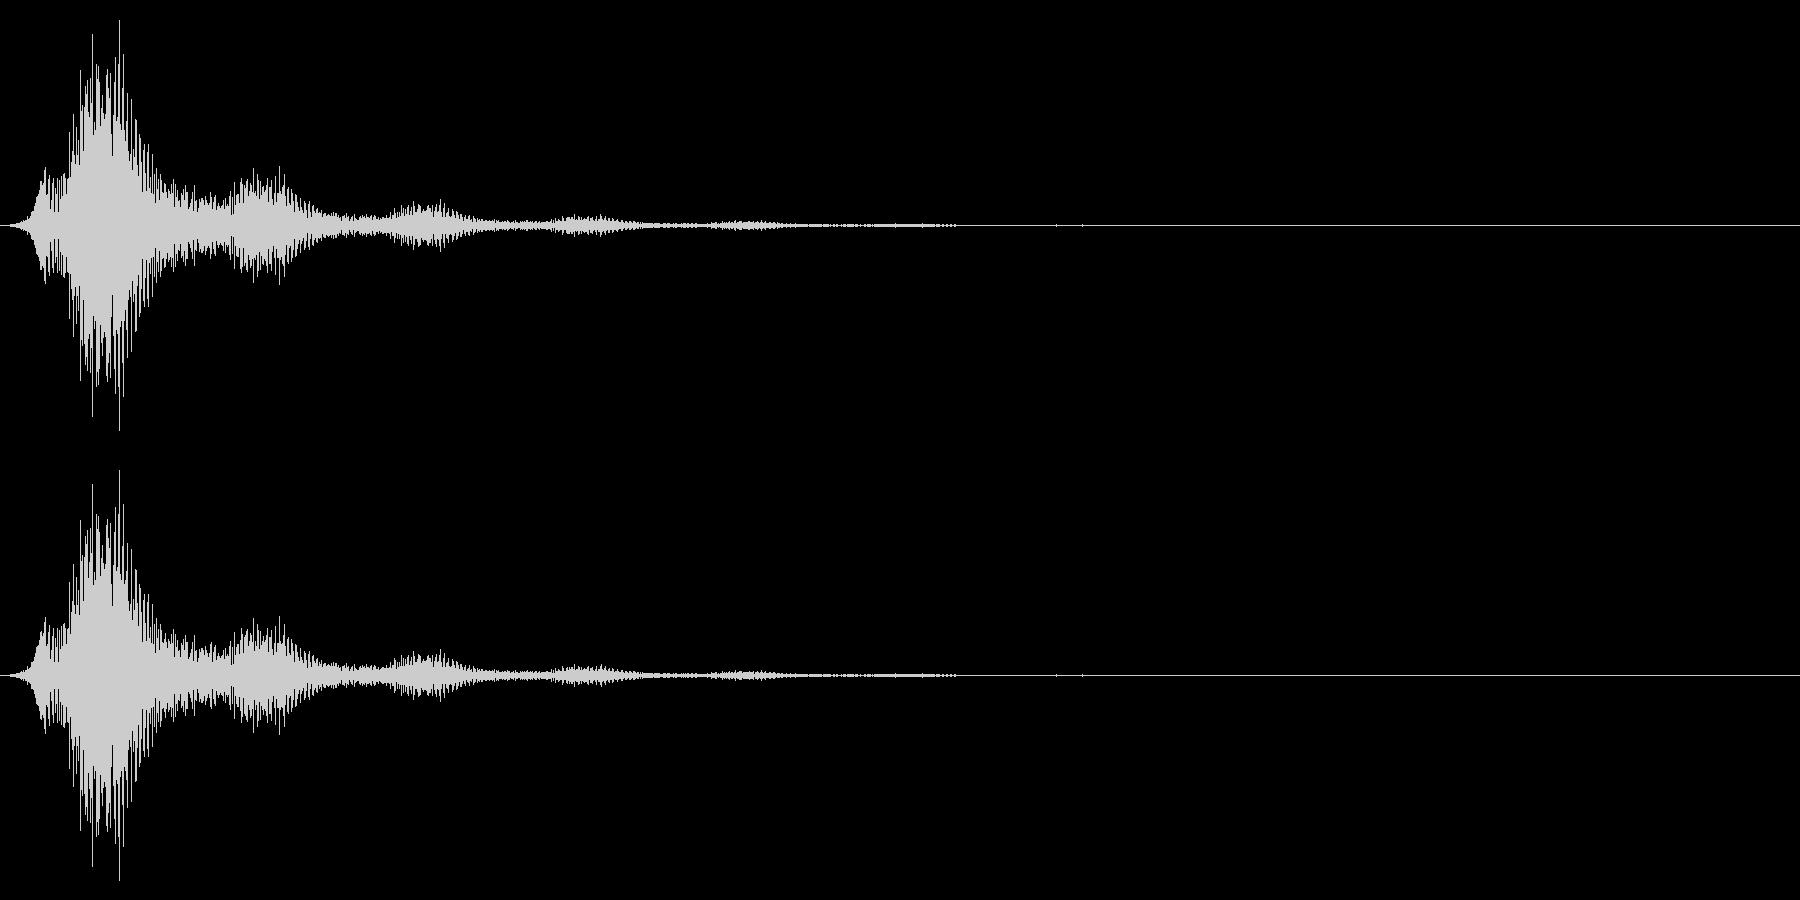 バイオリンで作ったボタン音の未再生の波形